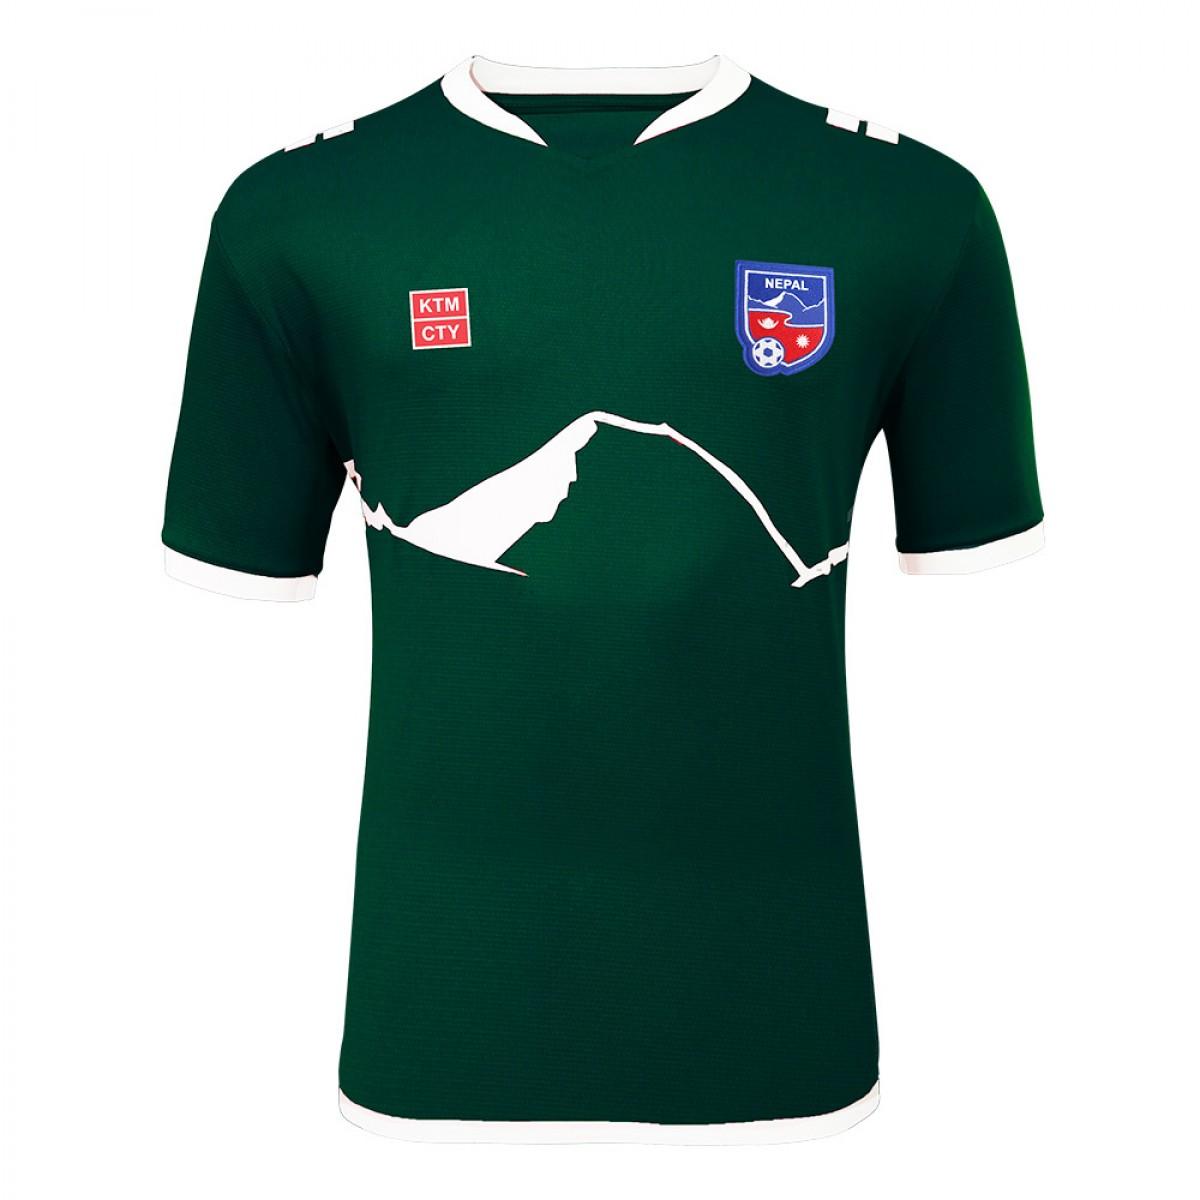 goal-keeper-national-jersey-set-agknjs15102-6a